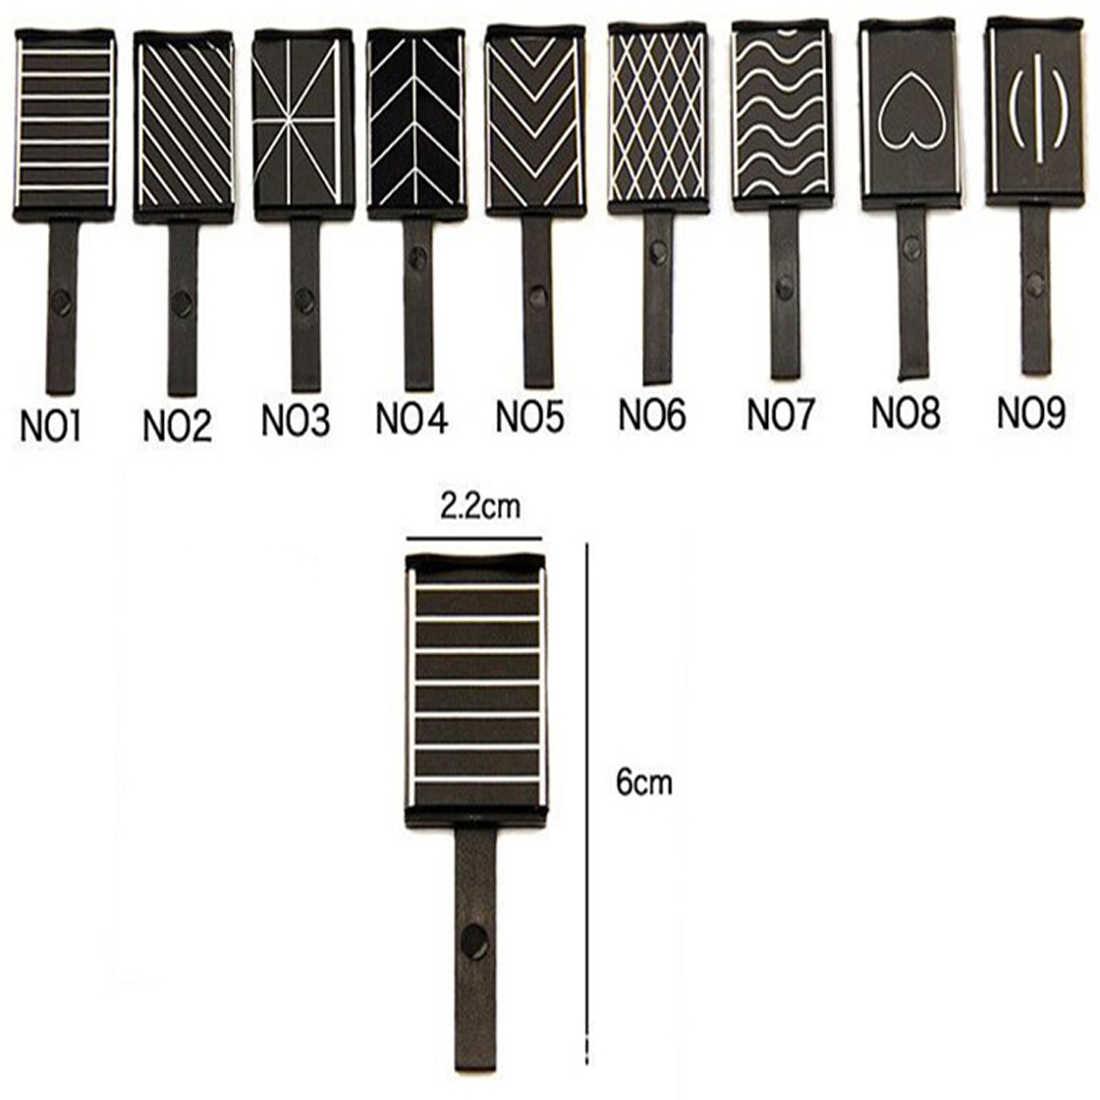 Kocie oko żelowy lakier do paznokci uv DIY Nail Art patyczek magnetyczny narzędzia 3D magiczne naklejki 9 wzorów EffectsStrong magnes do gradientów